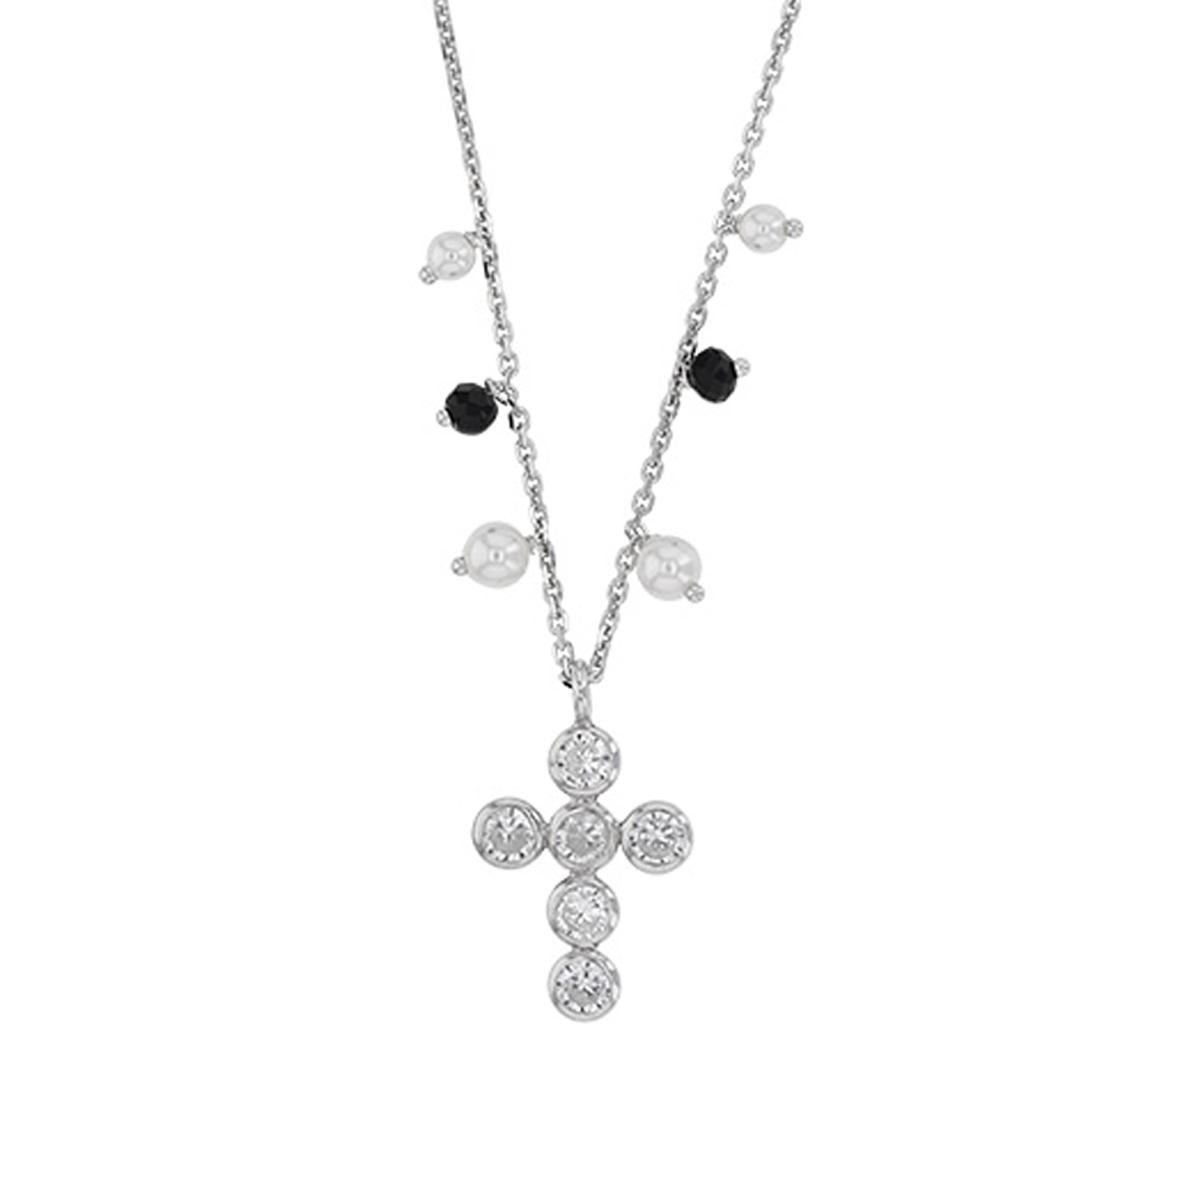 Collier Argent artisanal \'Croix Gypsy\' blanc noir argenté (rhodié) - 17x13 mm - [R4956]